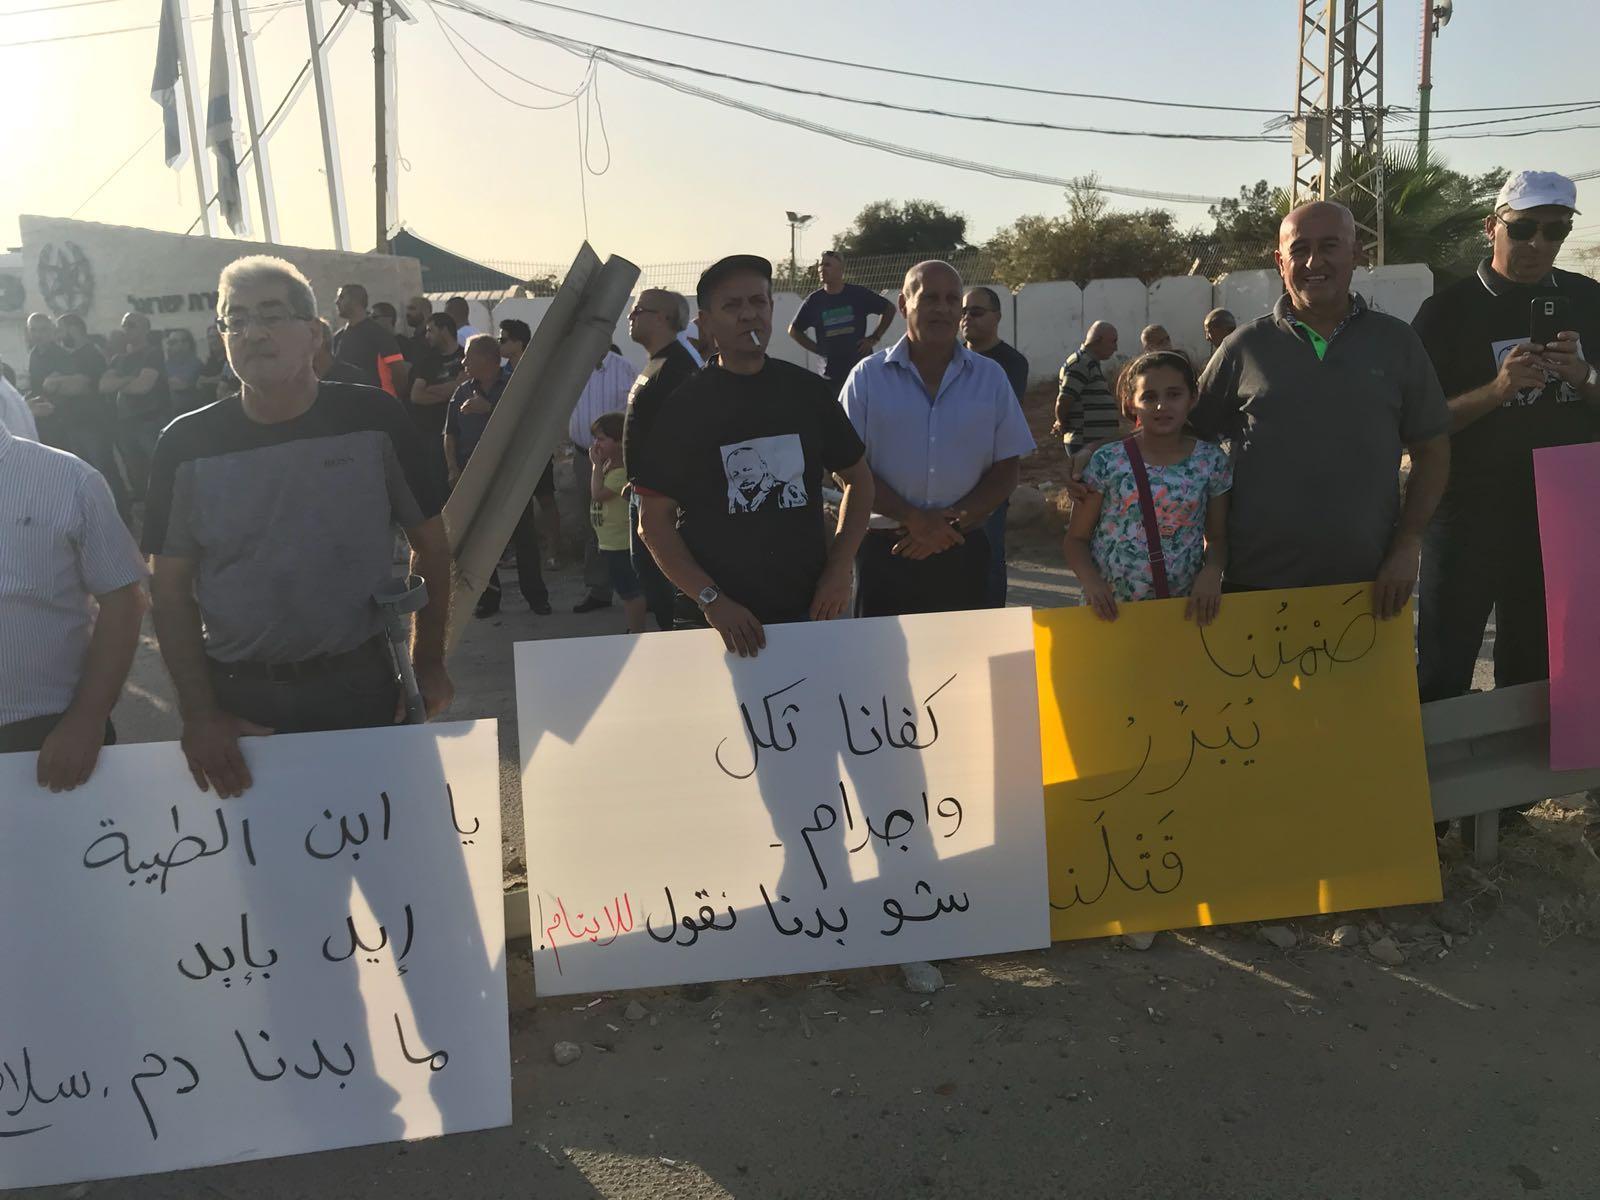 الطيبة: إغلاق شارع 444 احتجاجا على العنف والجريمة